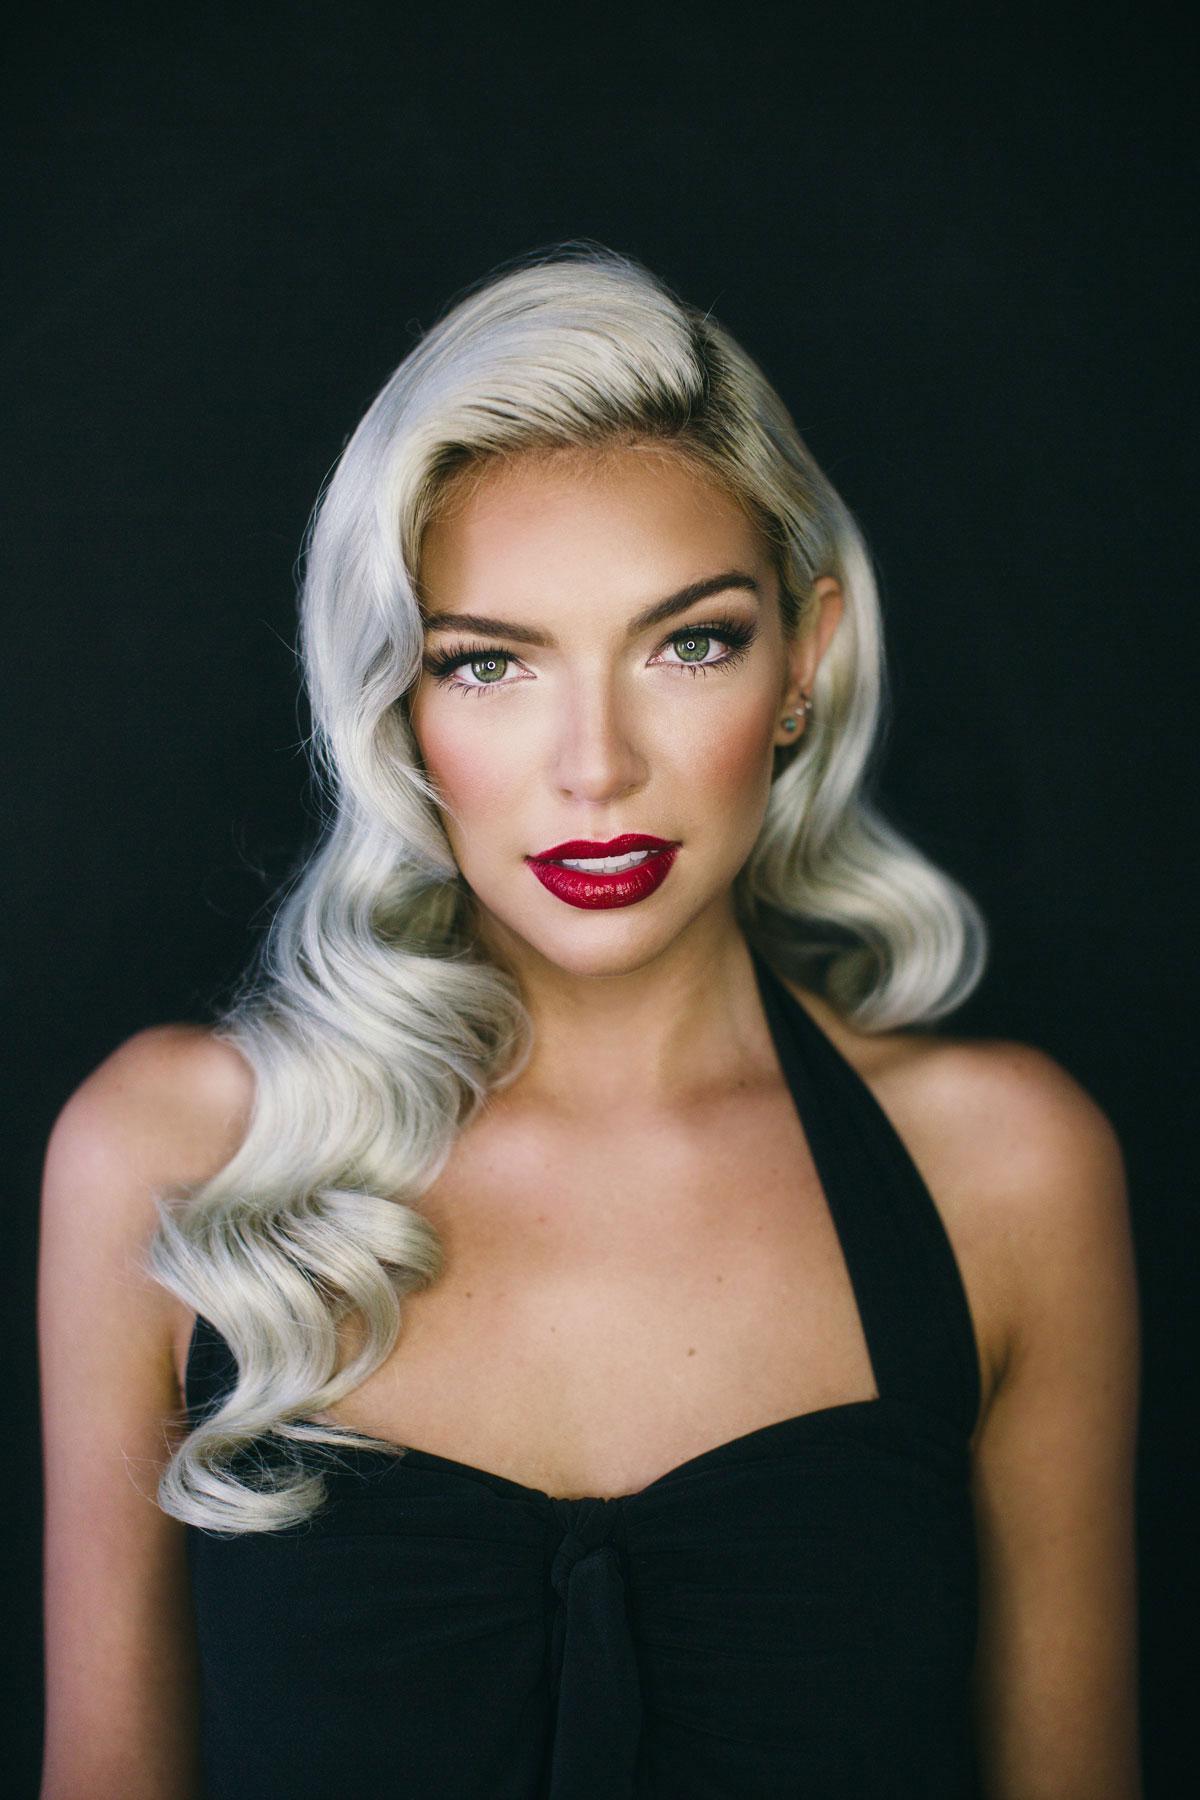 blonde_vintage_hairstyles_blonde_vintage_makeup_vivianmakeupartist_vintage